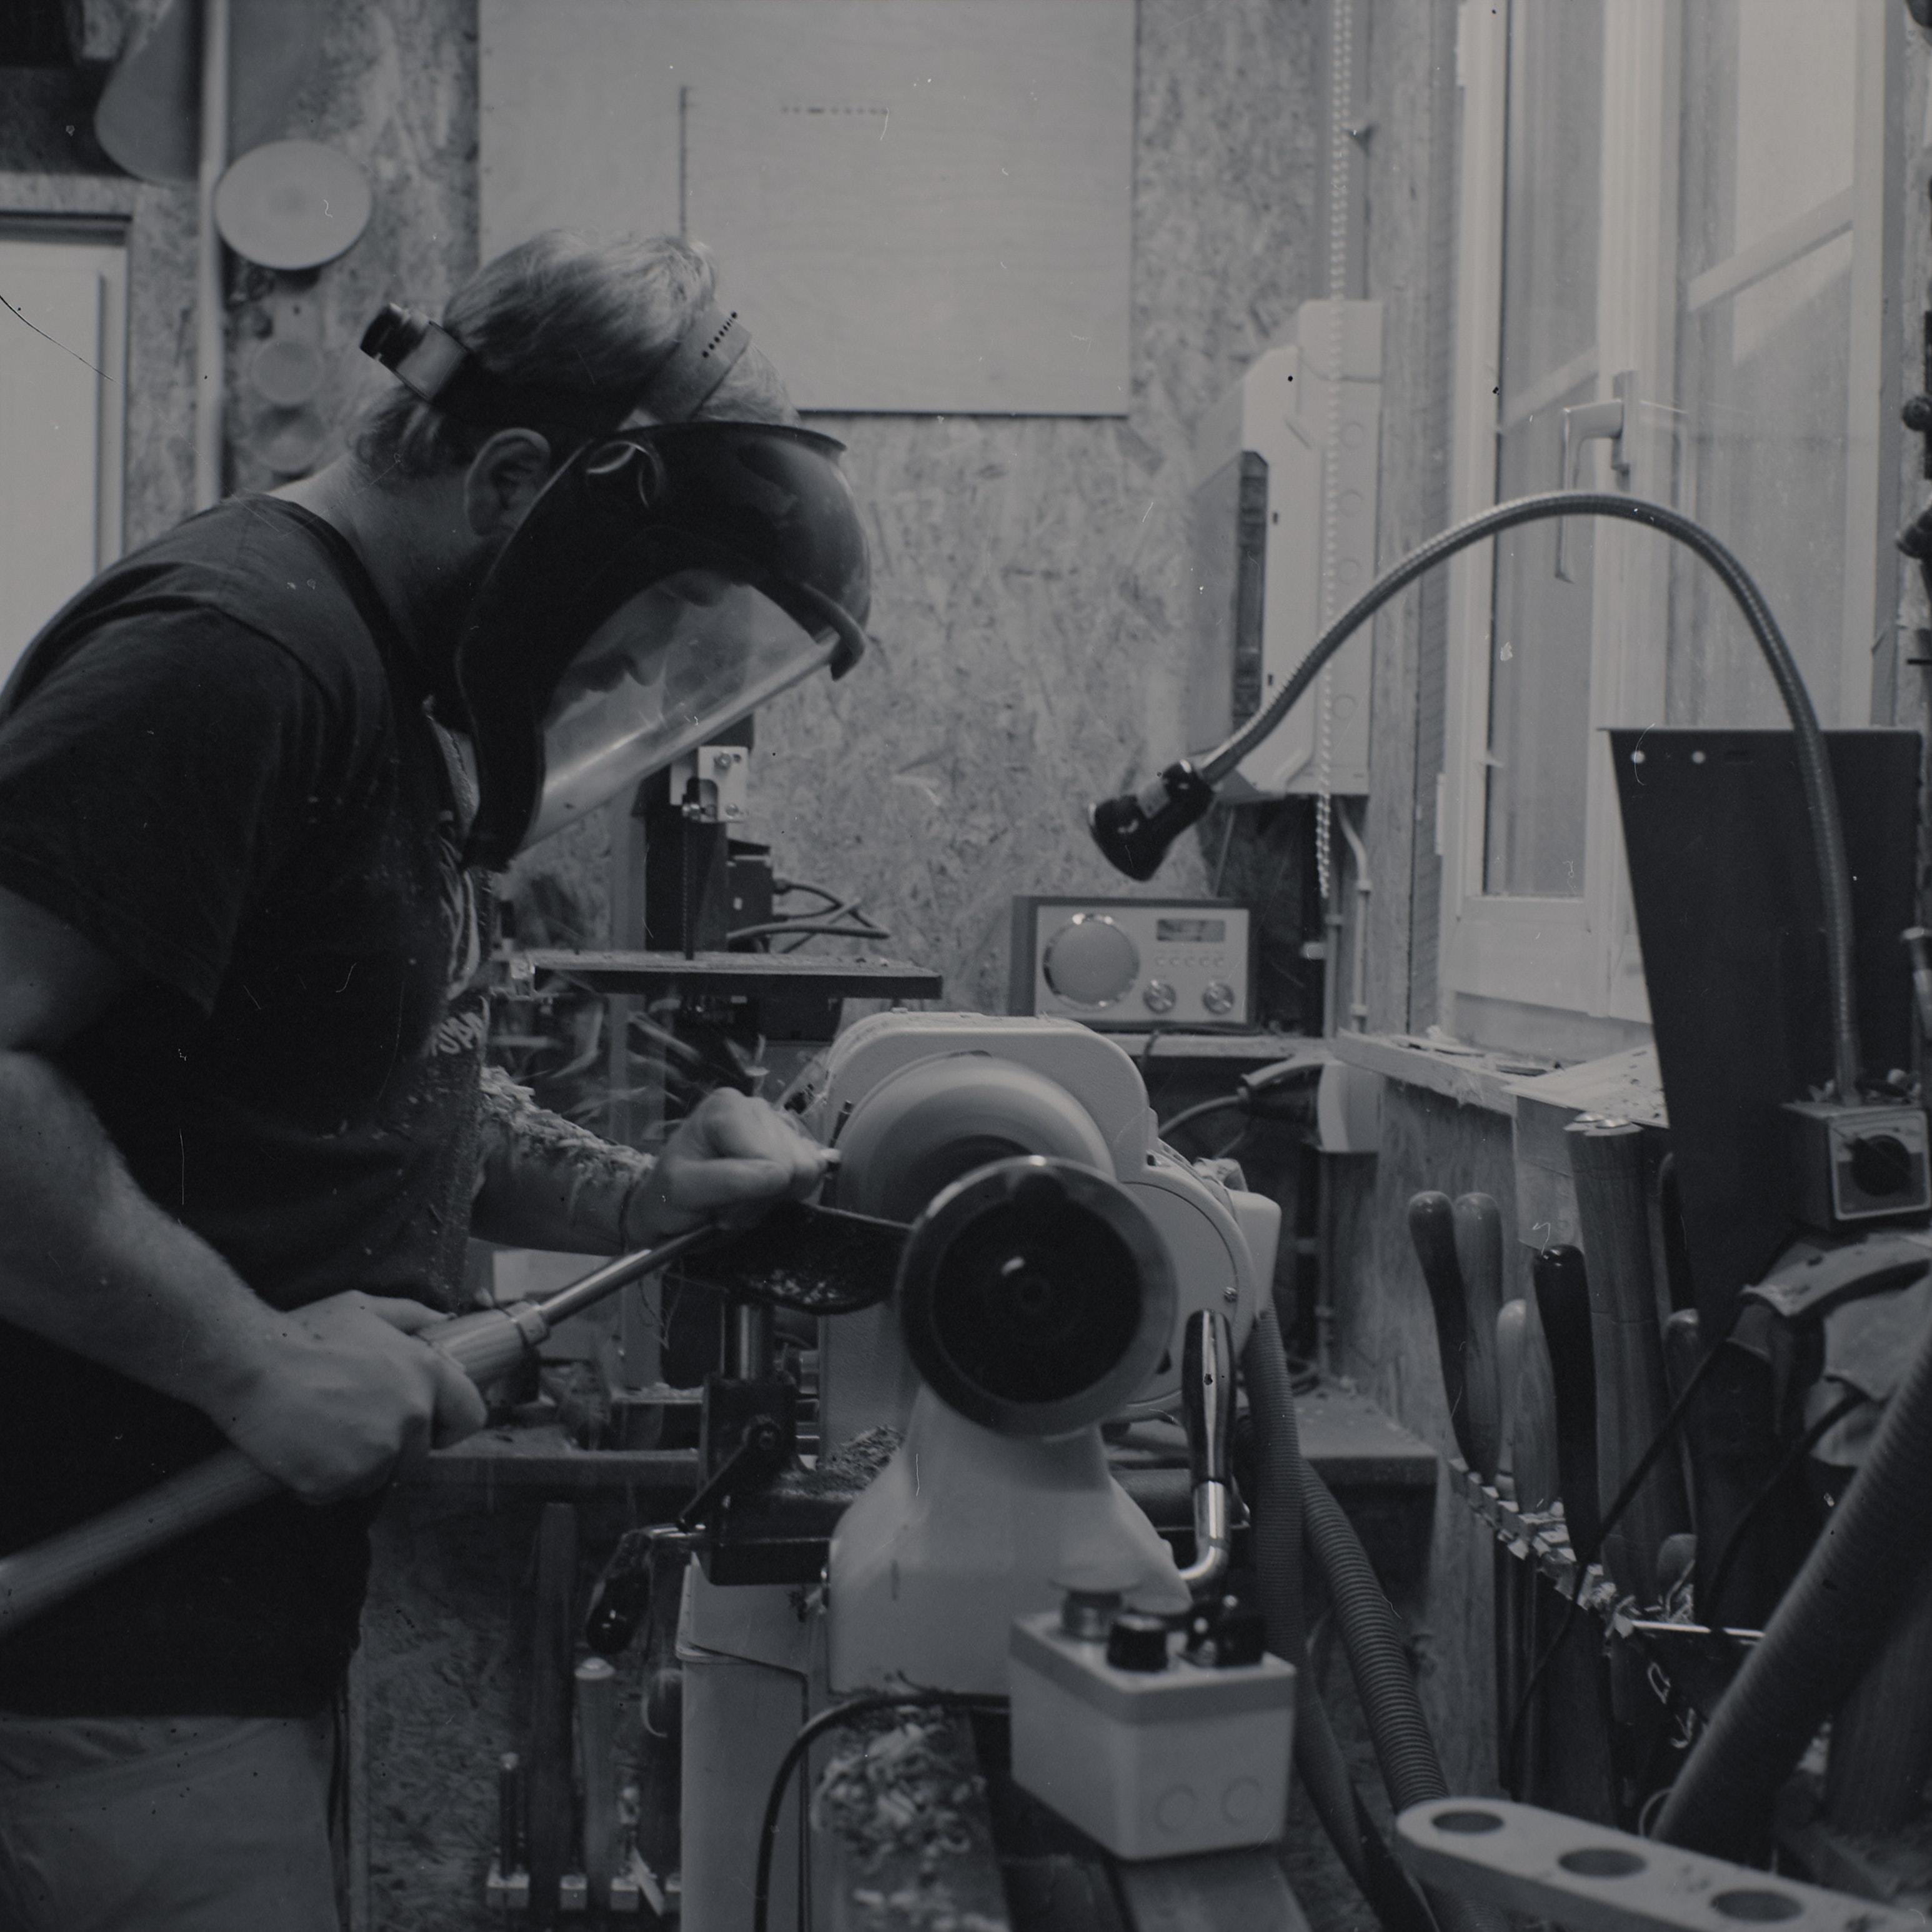 Andi beim Drechseln - Fotos von Jesper Hilbig aufgenommen mit einer Analogkamera